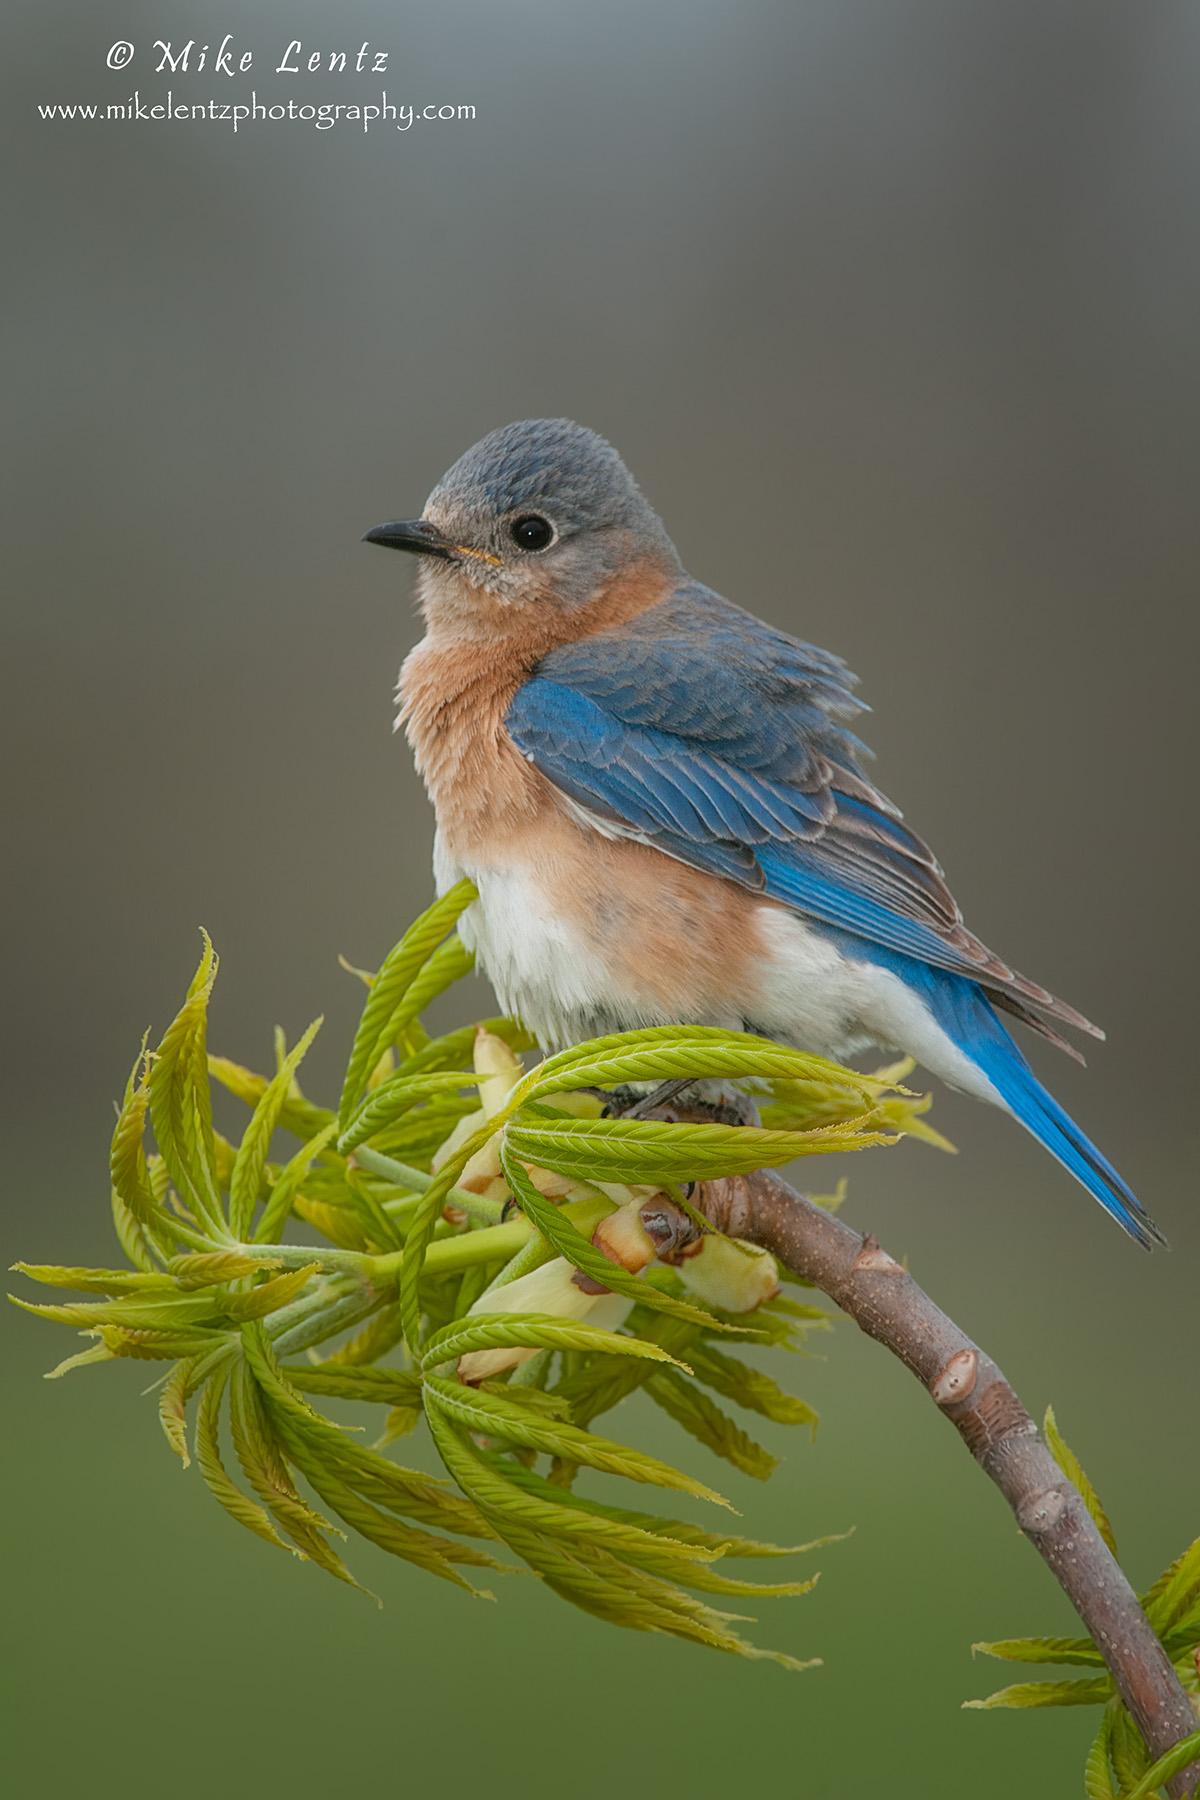 Bluebird verticle on plush perch